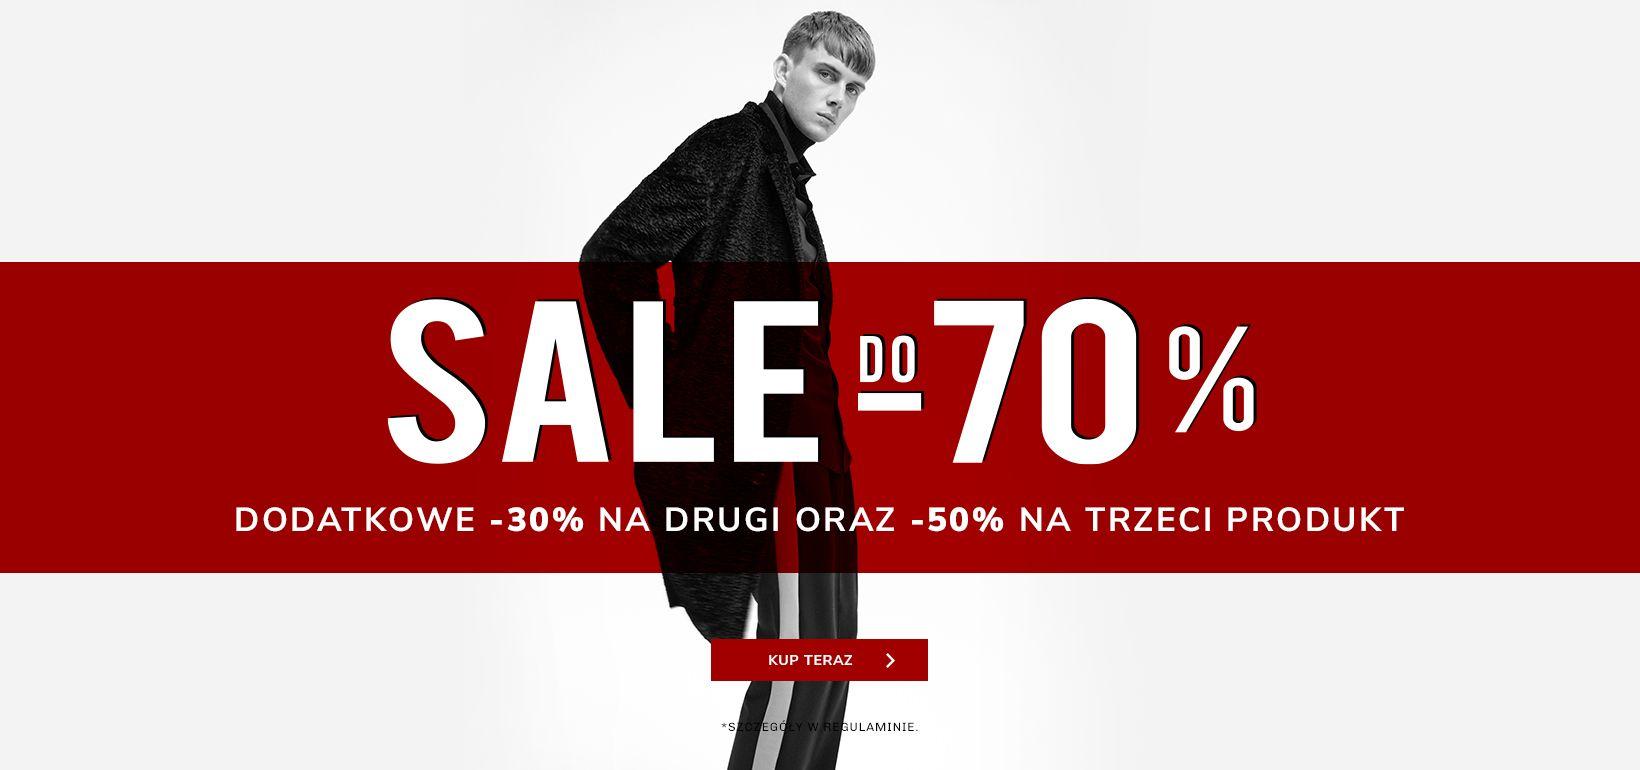 Vistula: wyprzedaż do 70% rabatu na odzież męską oraz dodatkowe 30% na drugą rzecz i 50% na trzecią rzecz